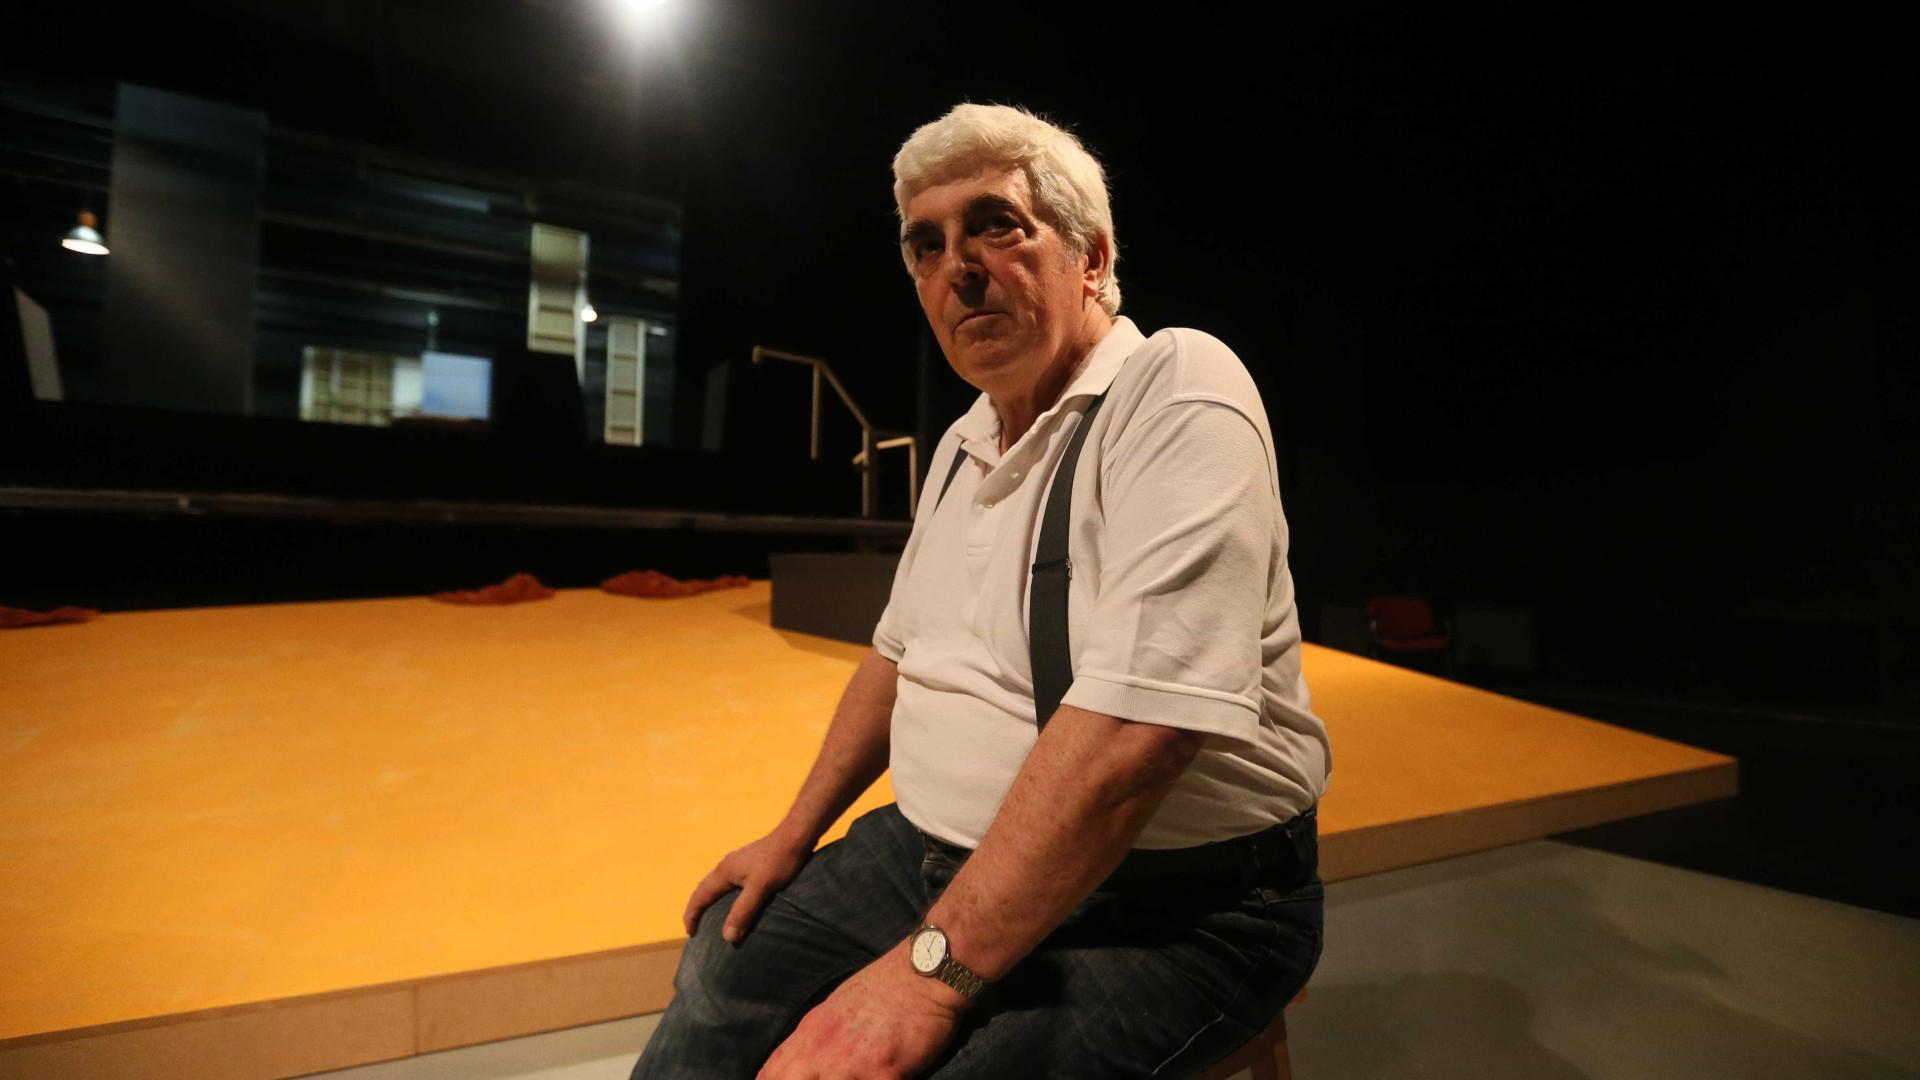 Cinemateca homenageia Luís Miguel Cintra com ciclo